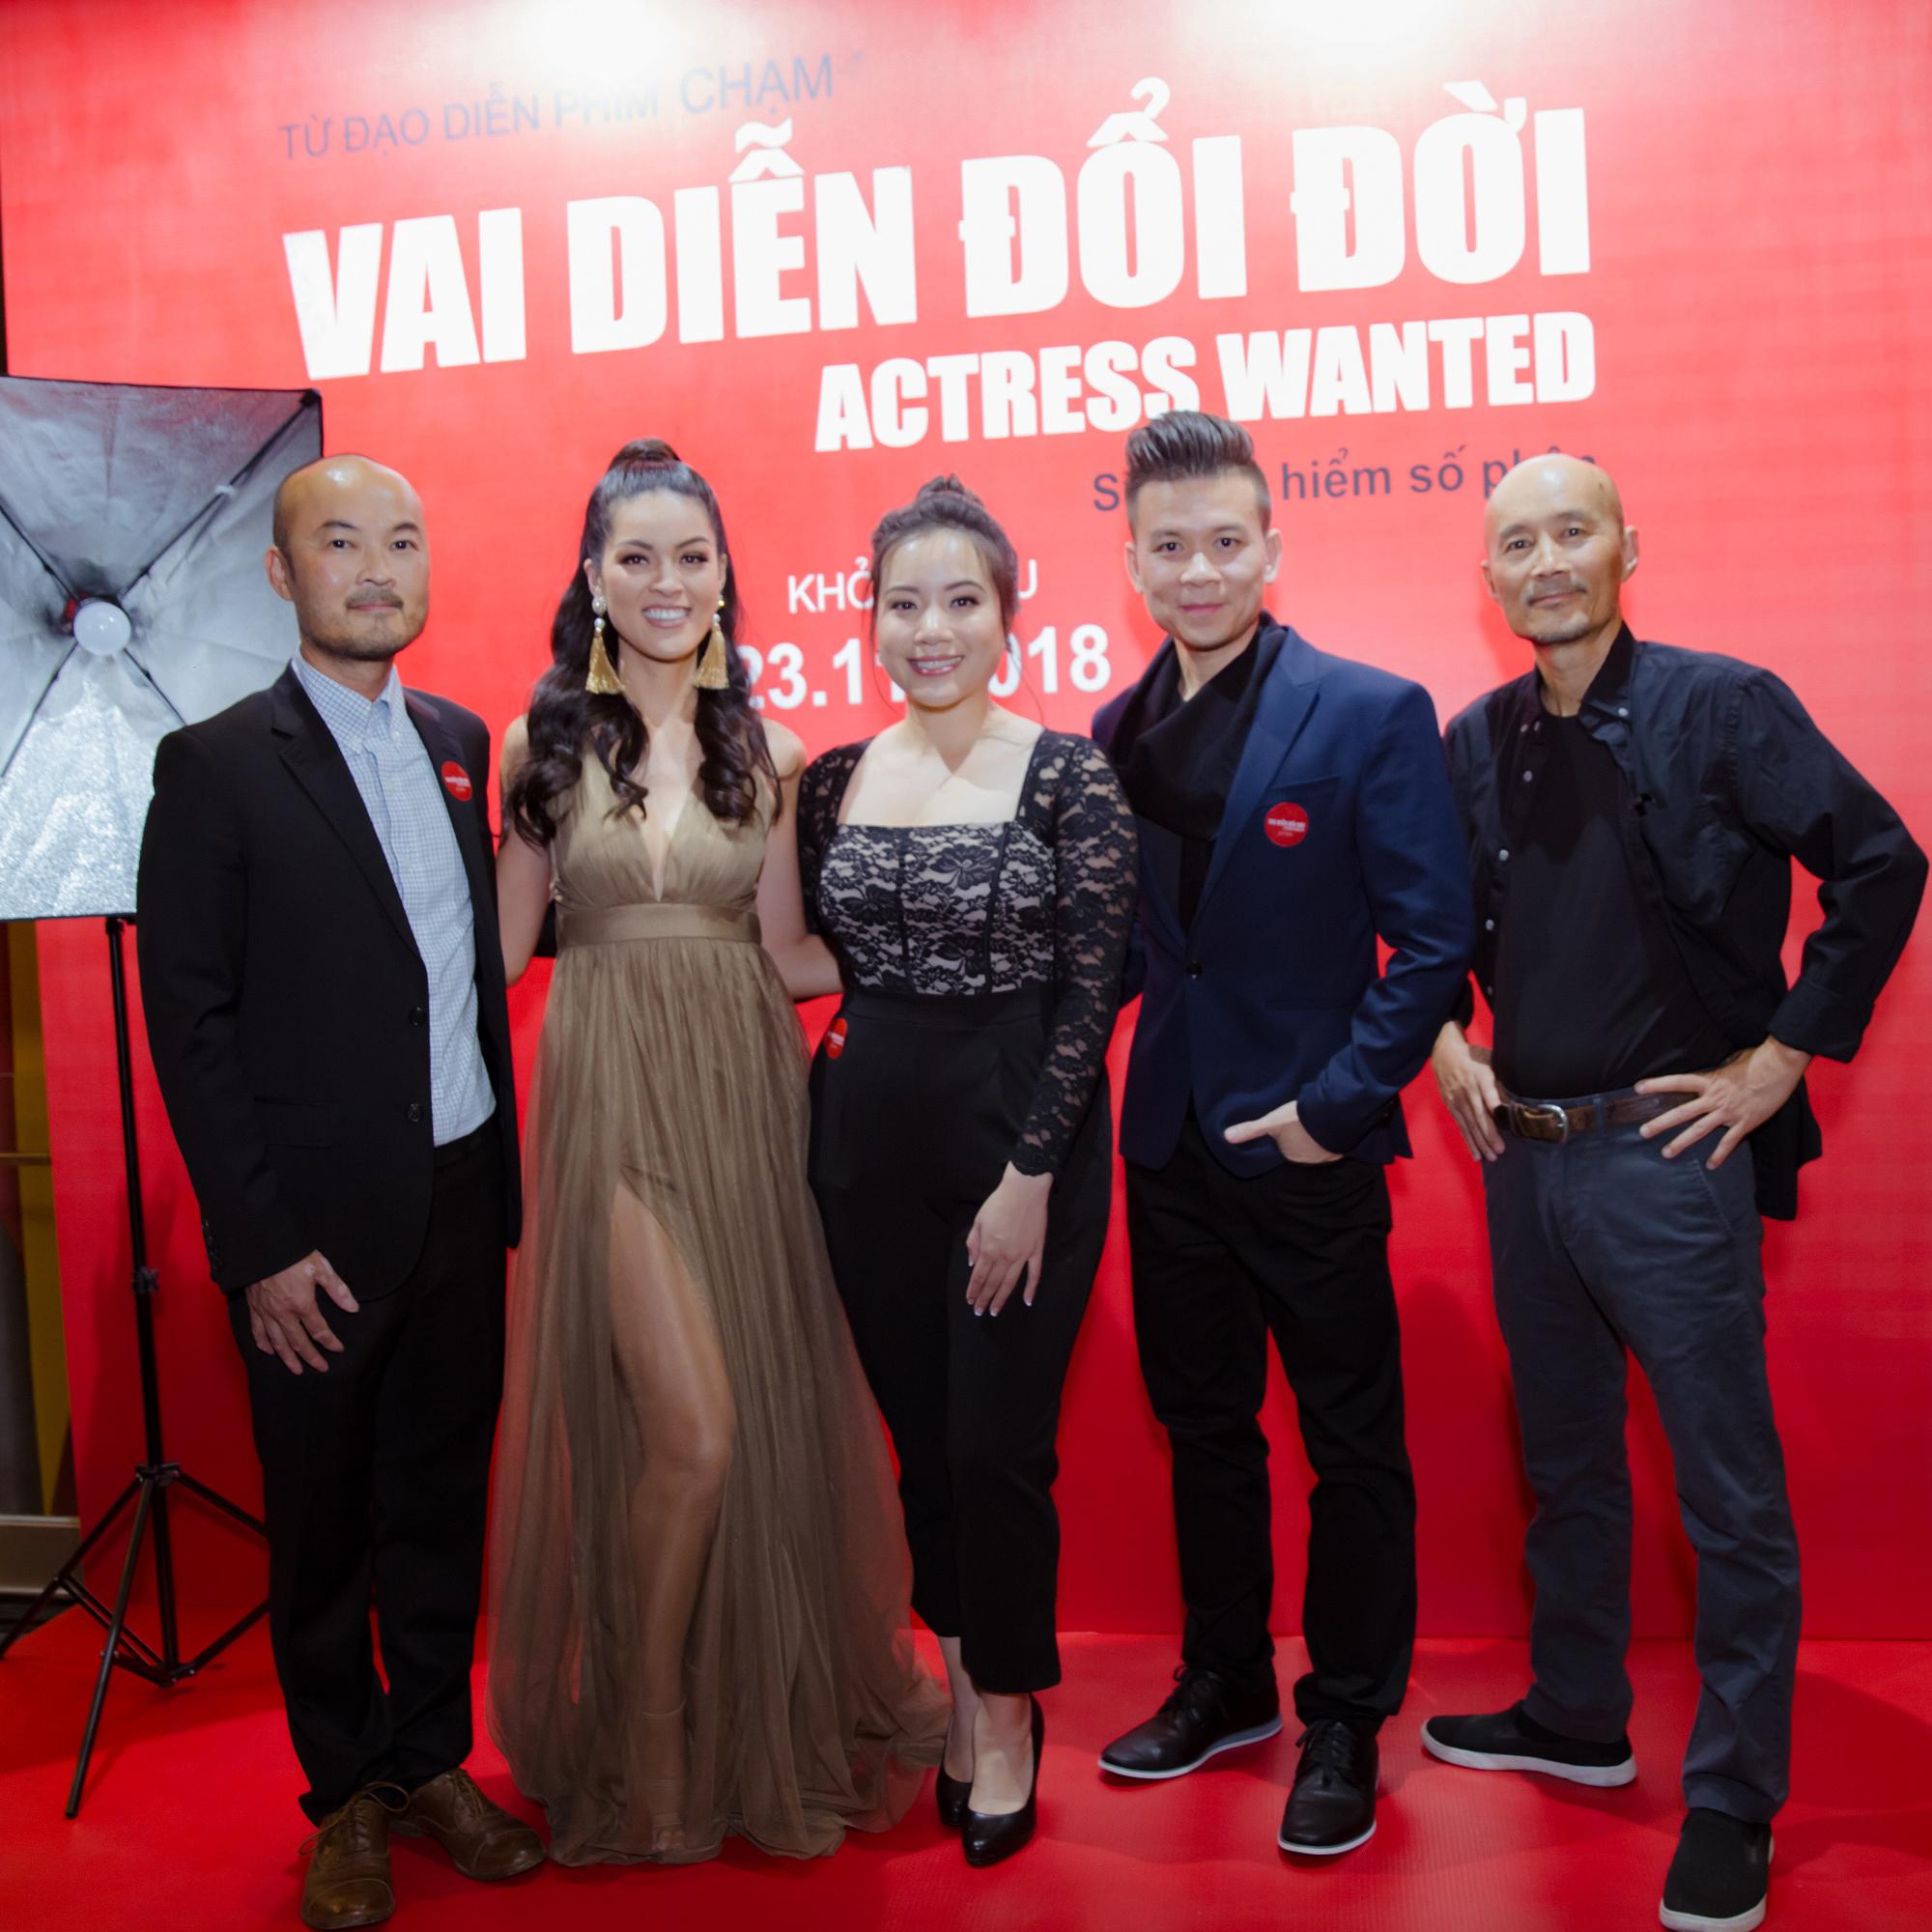 Phim Việt, Quay ở Little Saigon, đoạt '10 Phim Kinh Dị Xếp Hạng Cao Nhất'